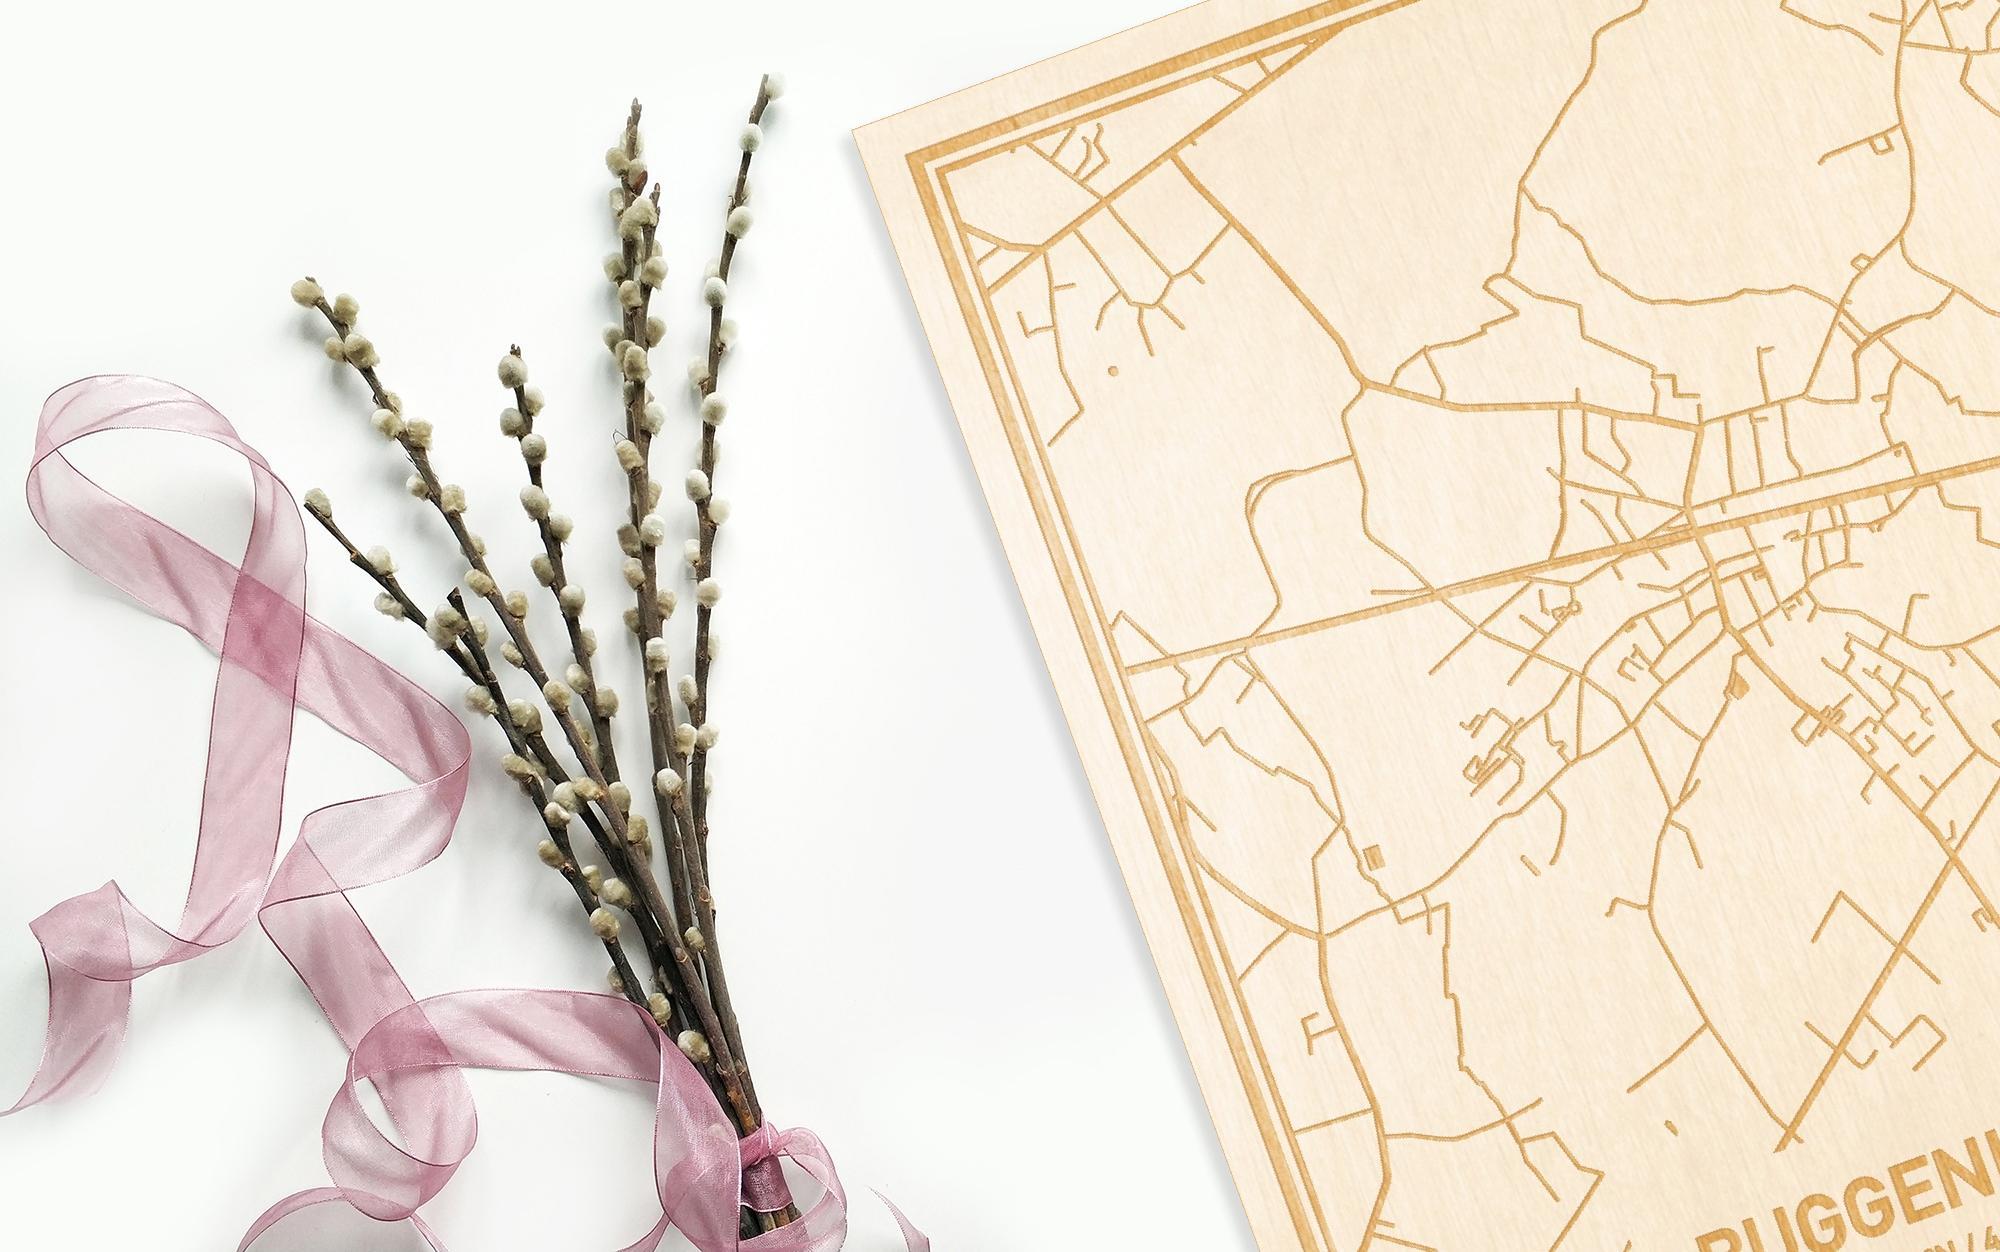 Hier ligt de houten plattegrond Buggenhout naast een bloemetje als gepersonaliseerd cadeau voor haar.